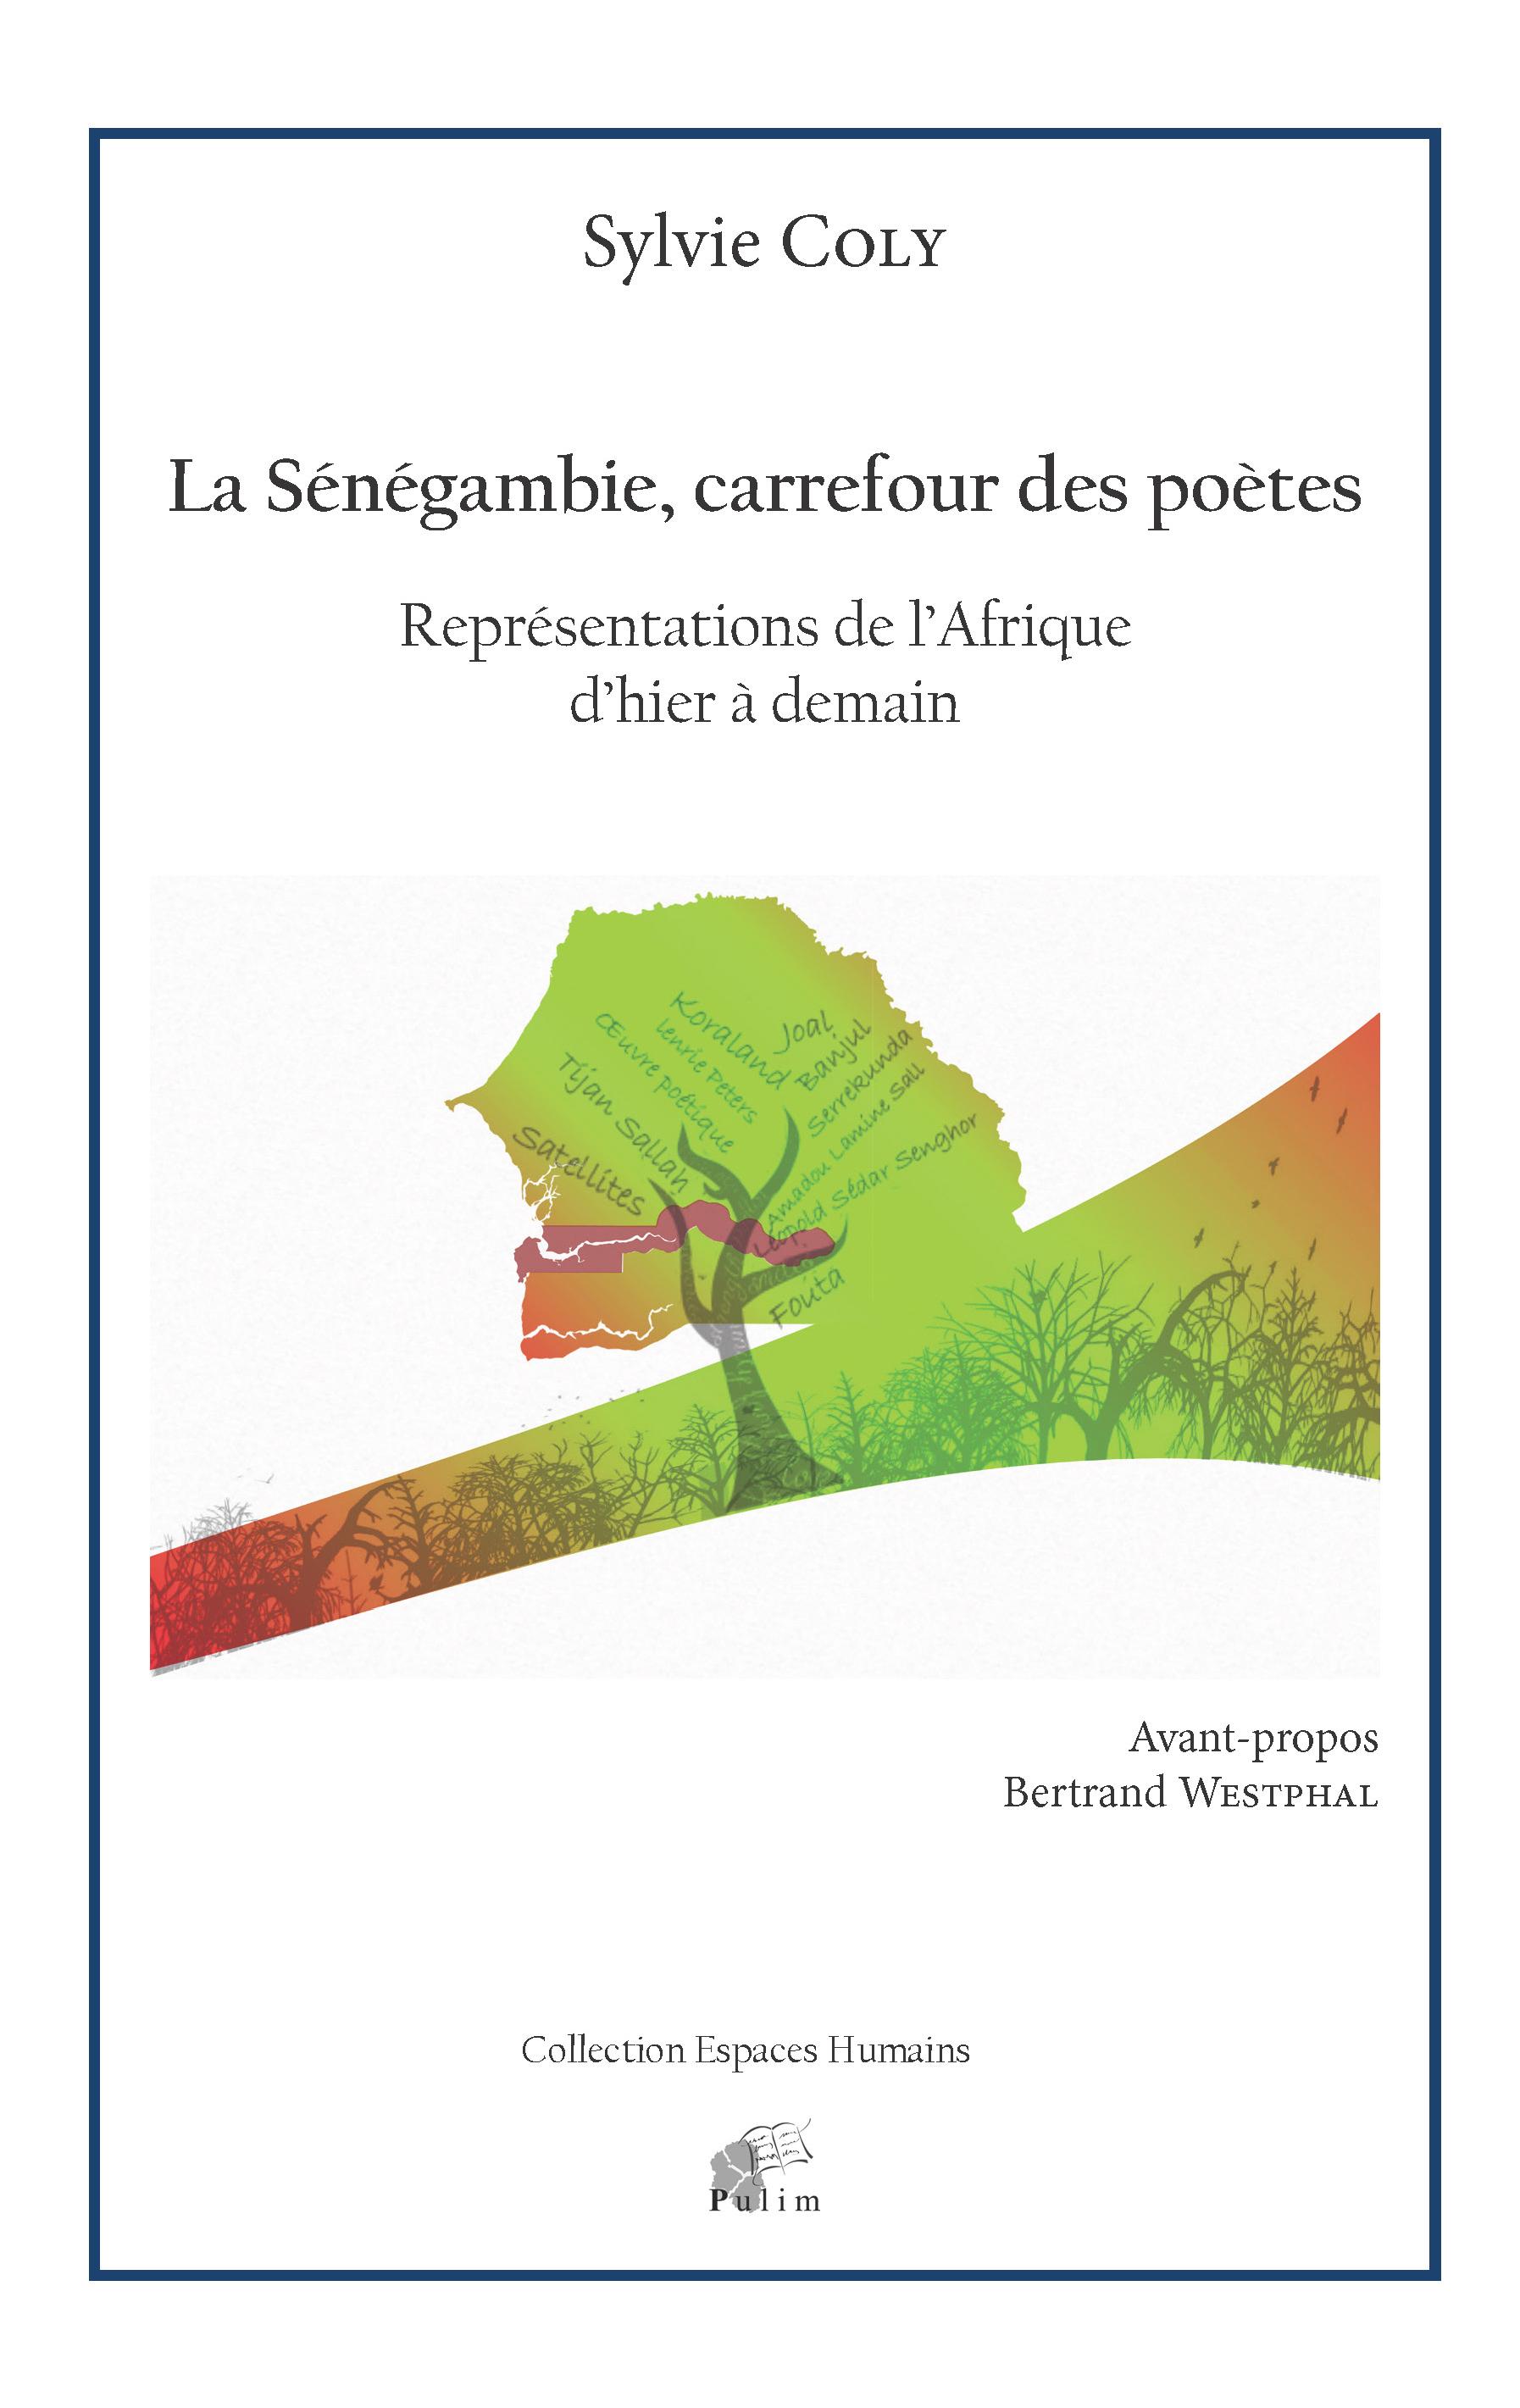 S. Coly, La Sénégambie, carrefour des poètes. Représentations de l'Afrique d'hier à demain